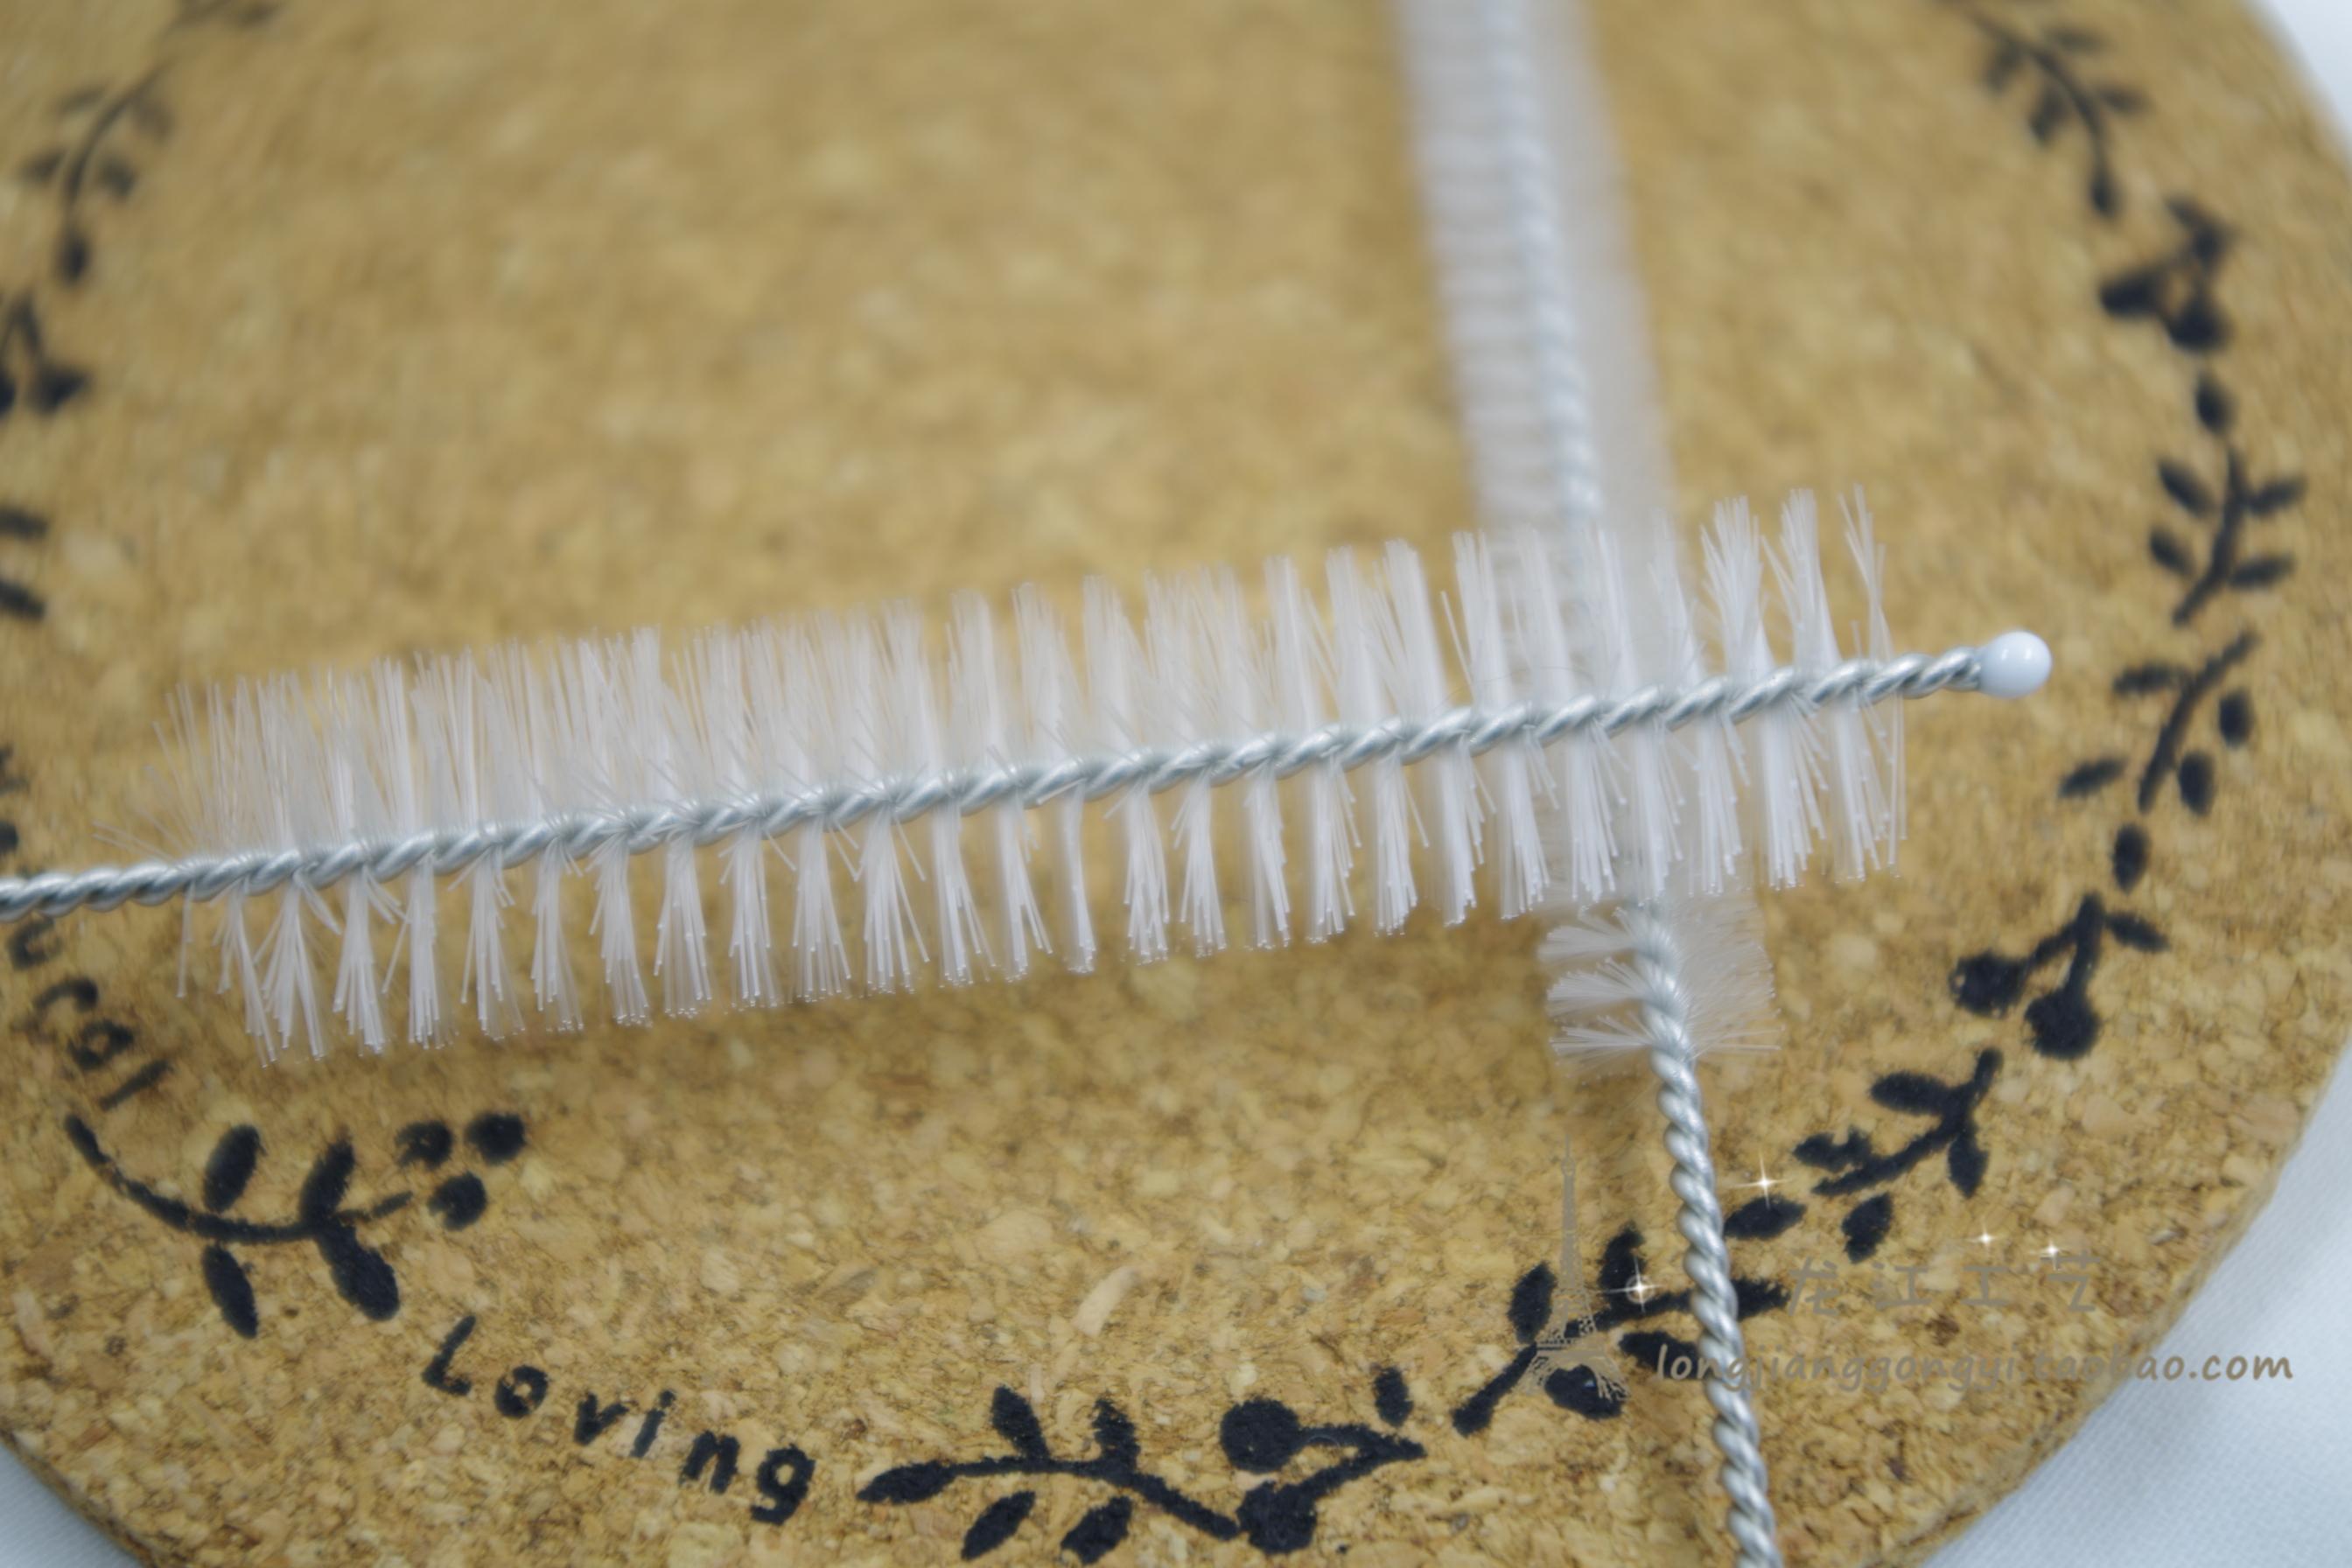 吸管刷 不锈钢吸管刷 导气管 毛刷 螺旋软毛 可弯折(7mm刷毛)